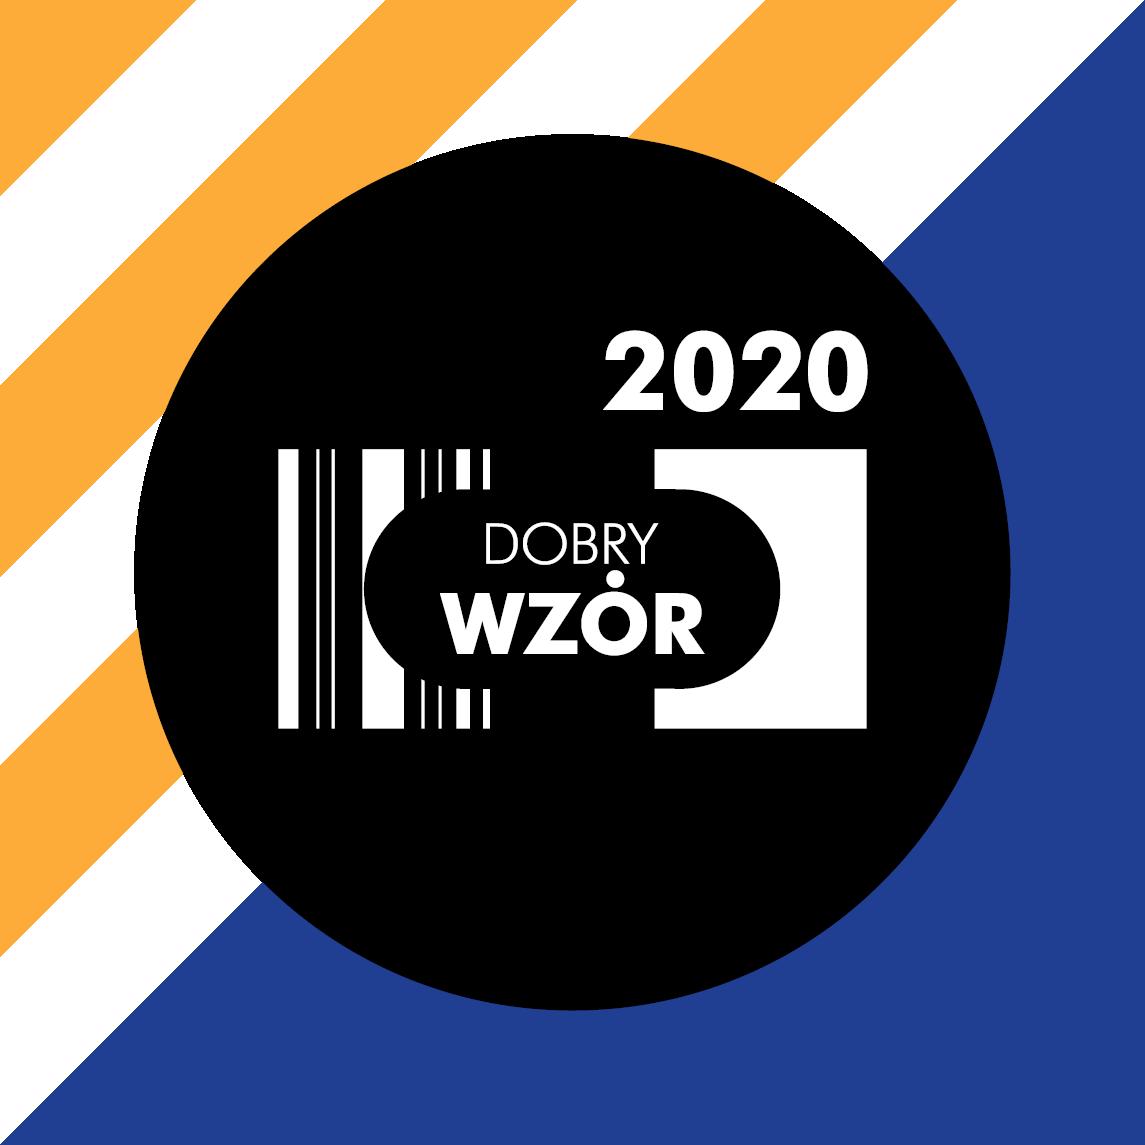 nowoczesne oprogramowanie dla bibliotek, dobry wzór 2020 nominacja